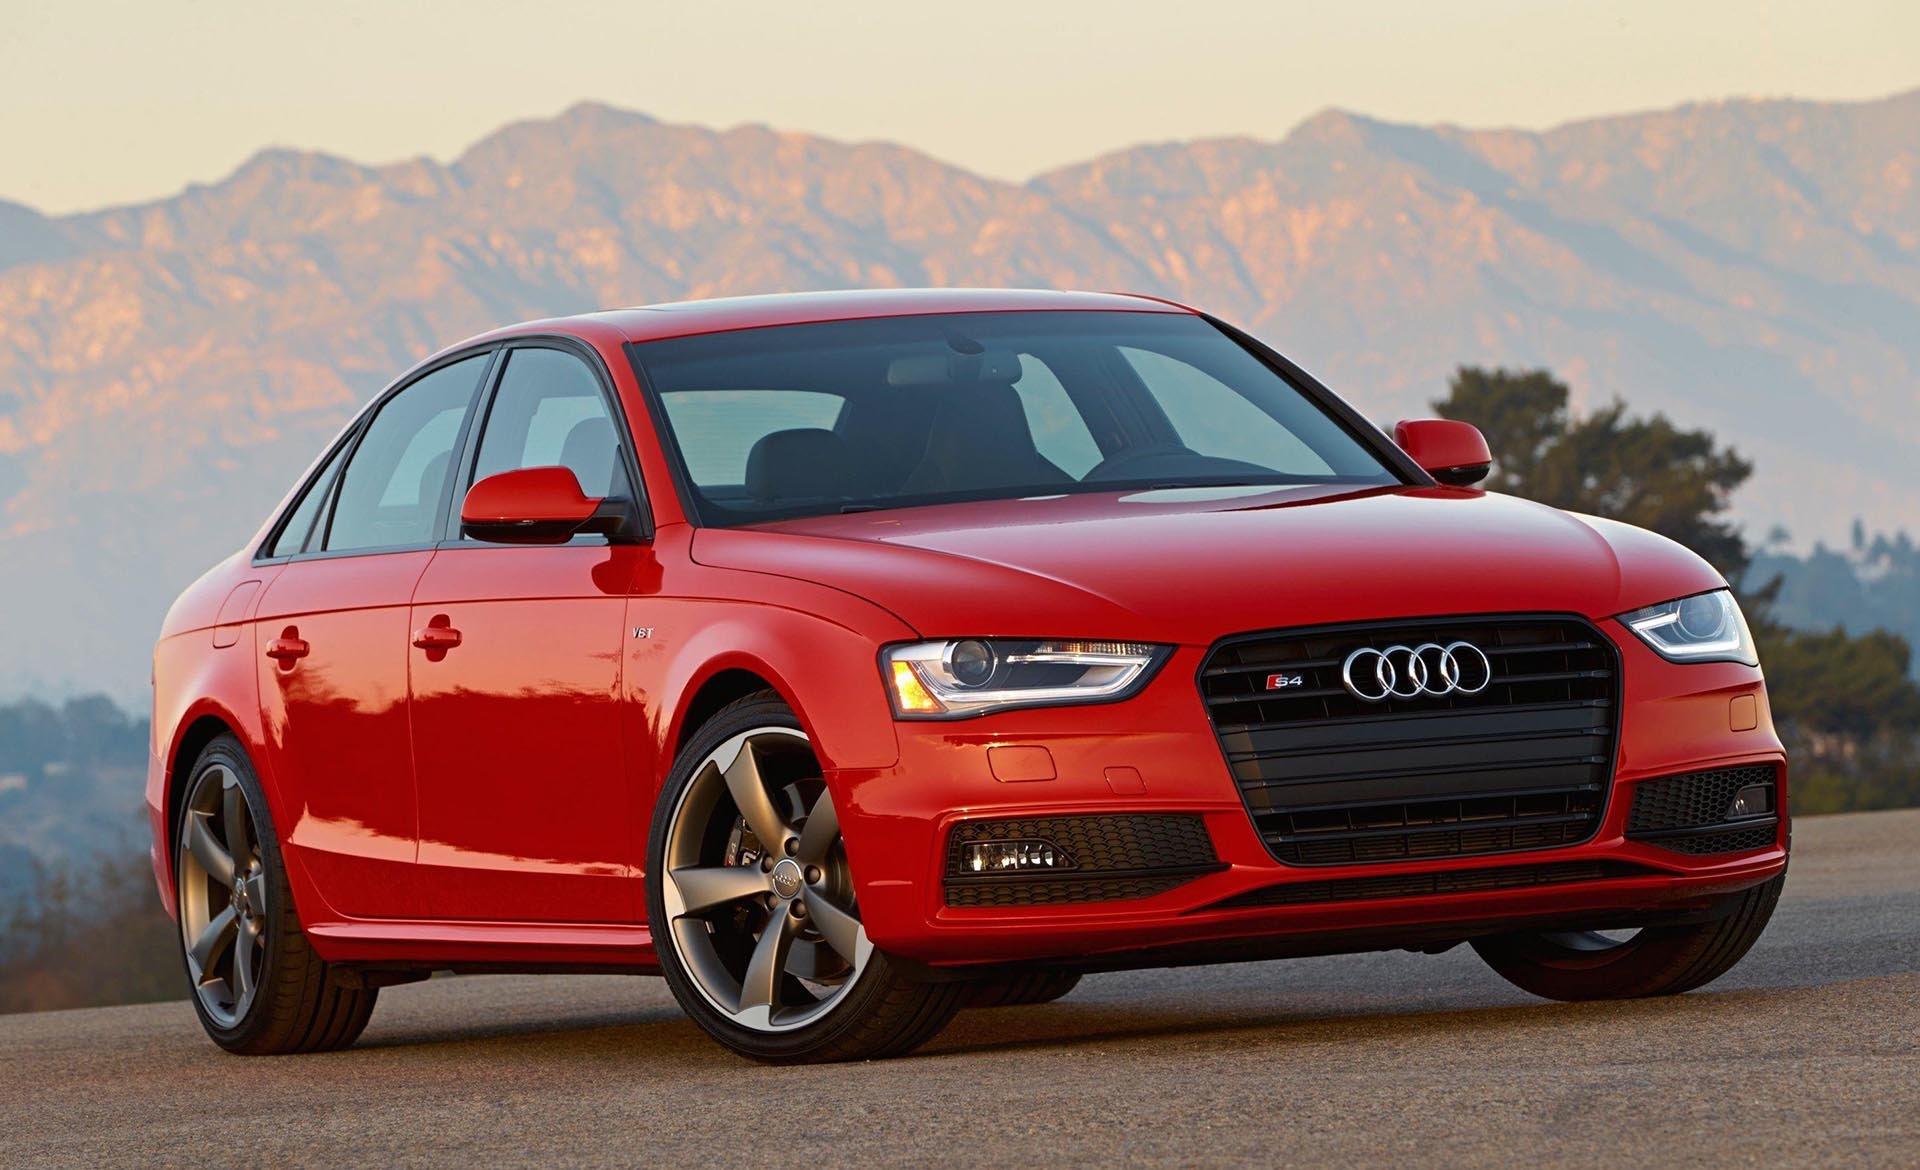 08_Audi B8.5 S4 Front